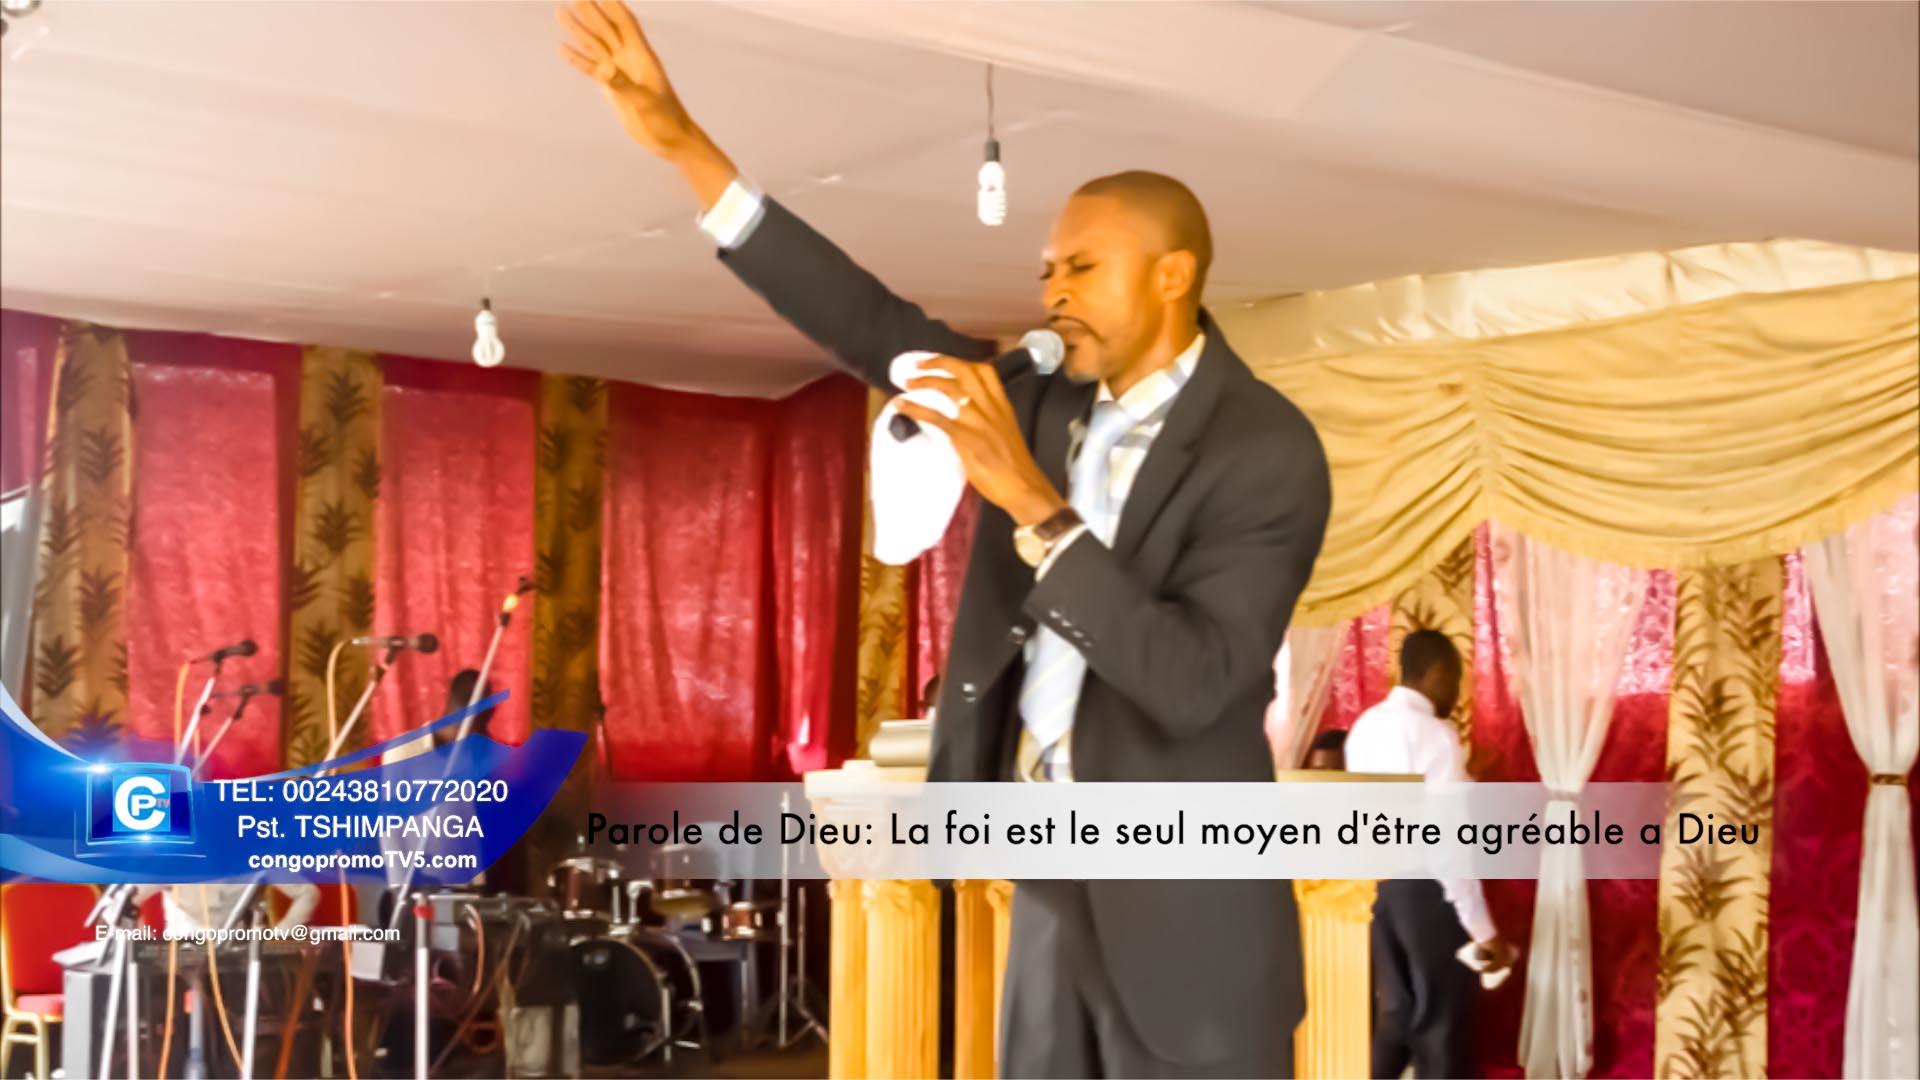 La foi est le seul moyen d'etre agreable a Dieu; c le theme de la predication copy